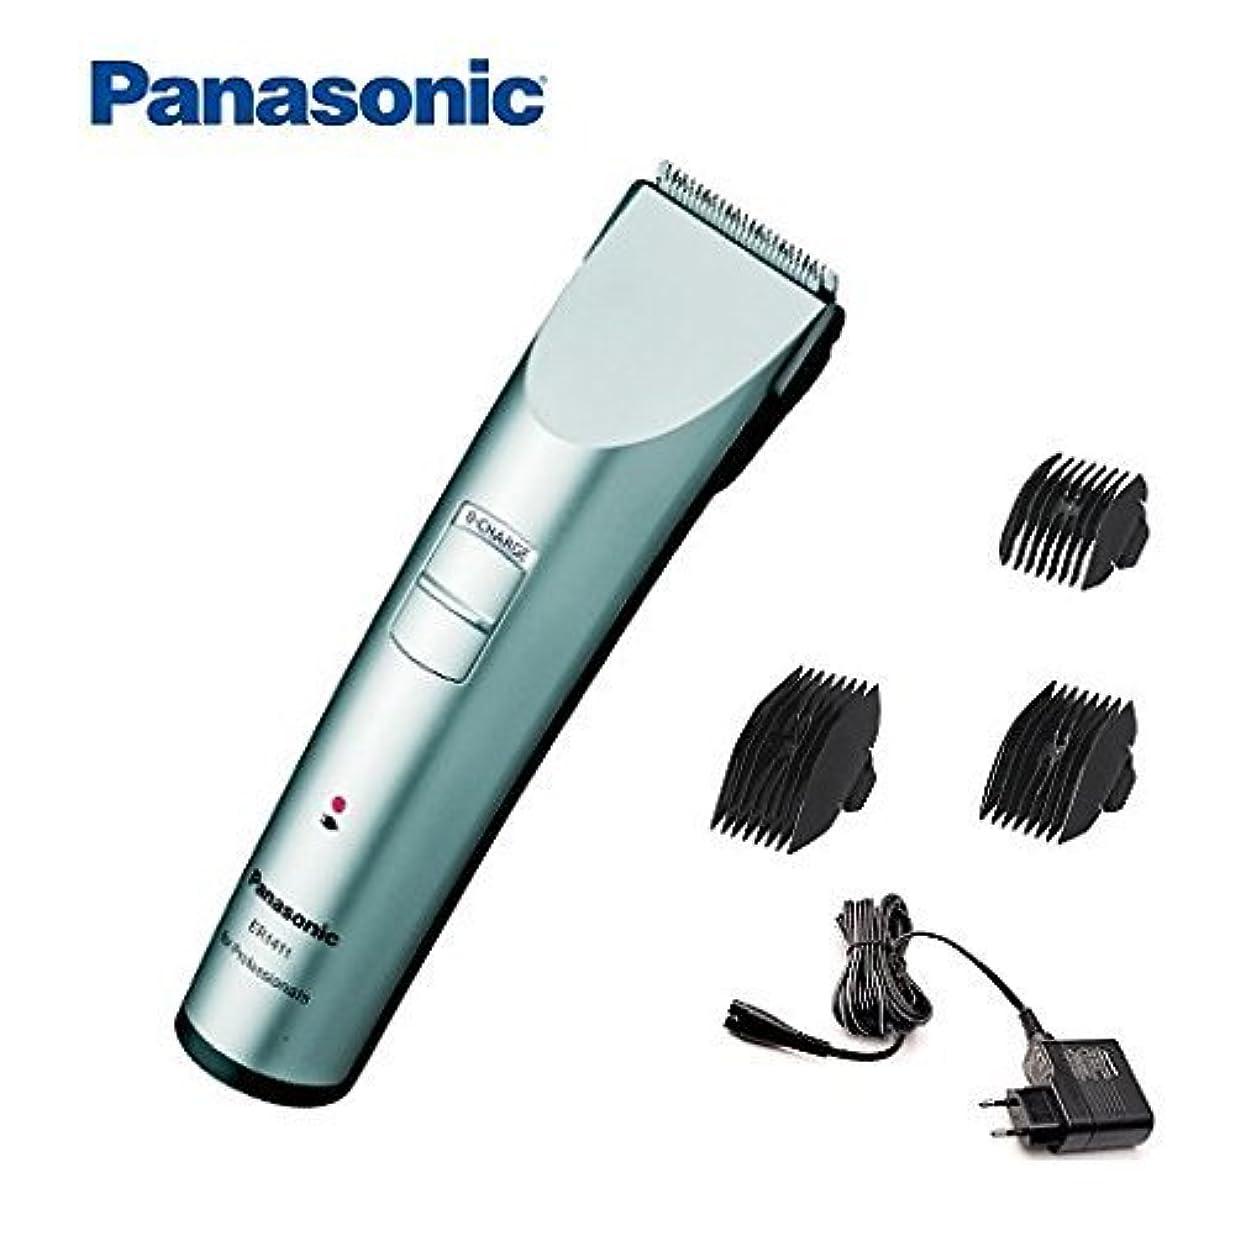 解説やりがいのある仮説New Panasonic ER1411 ER-1411 ER1411s Cord/Cordless Professional Hair Clipper by Panasonic [並行輸入品]